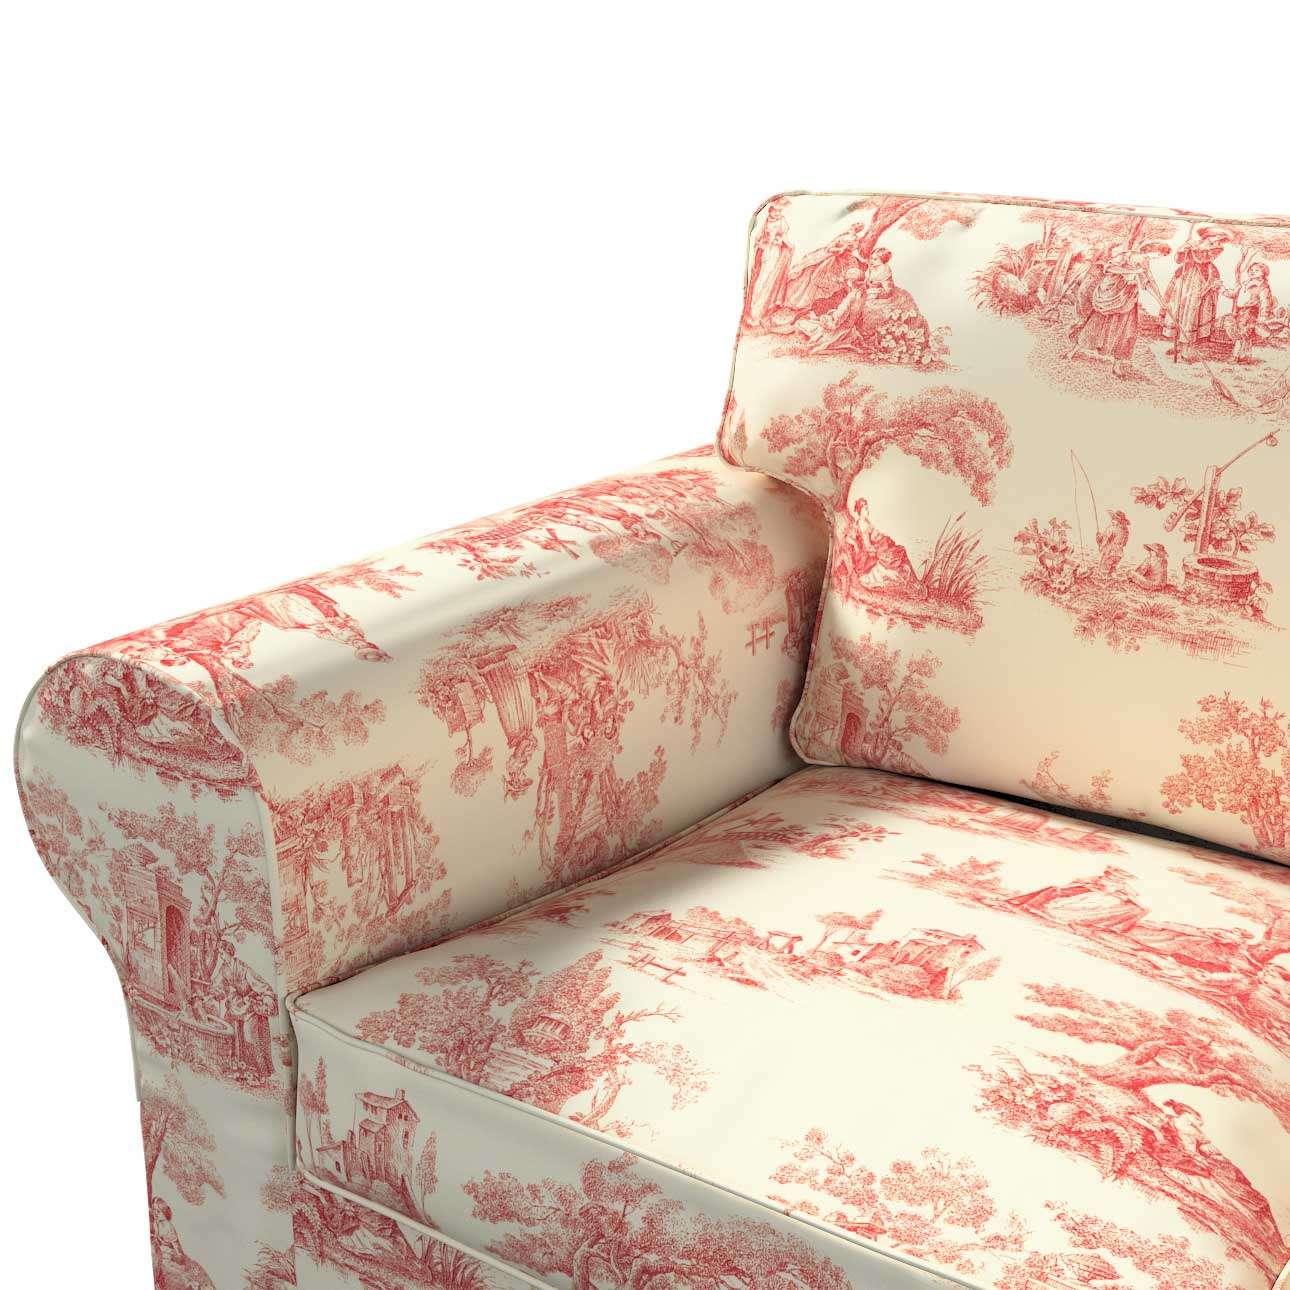 Pokrowiec na sofę Ektorp 3-osobową, rozkładaną NOWY MODEL 2013 Ektorp 3-os rozkładany nowy model 2013 w kolekcji Avinon, tkanina: 132-15